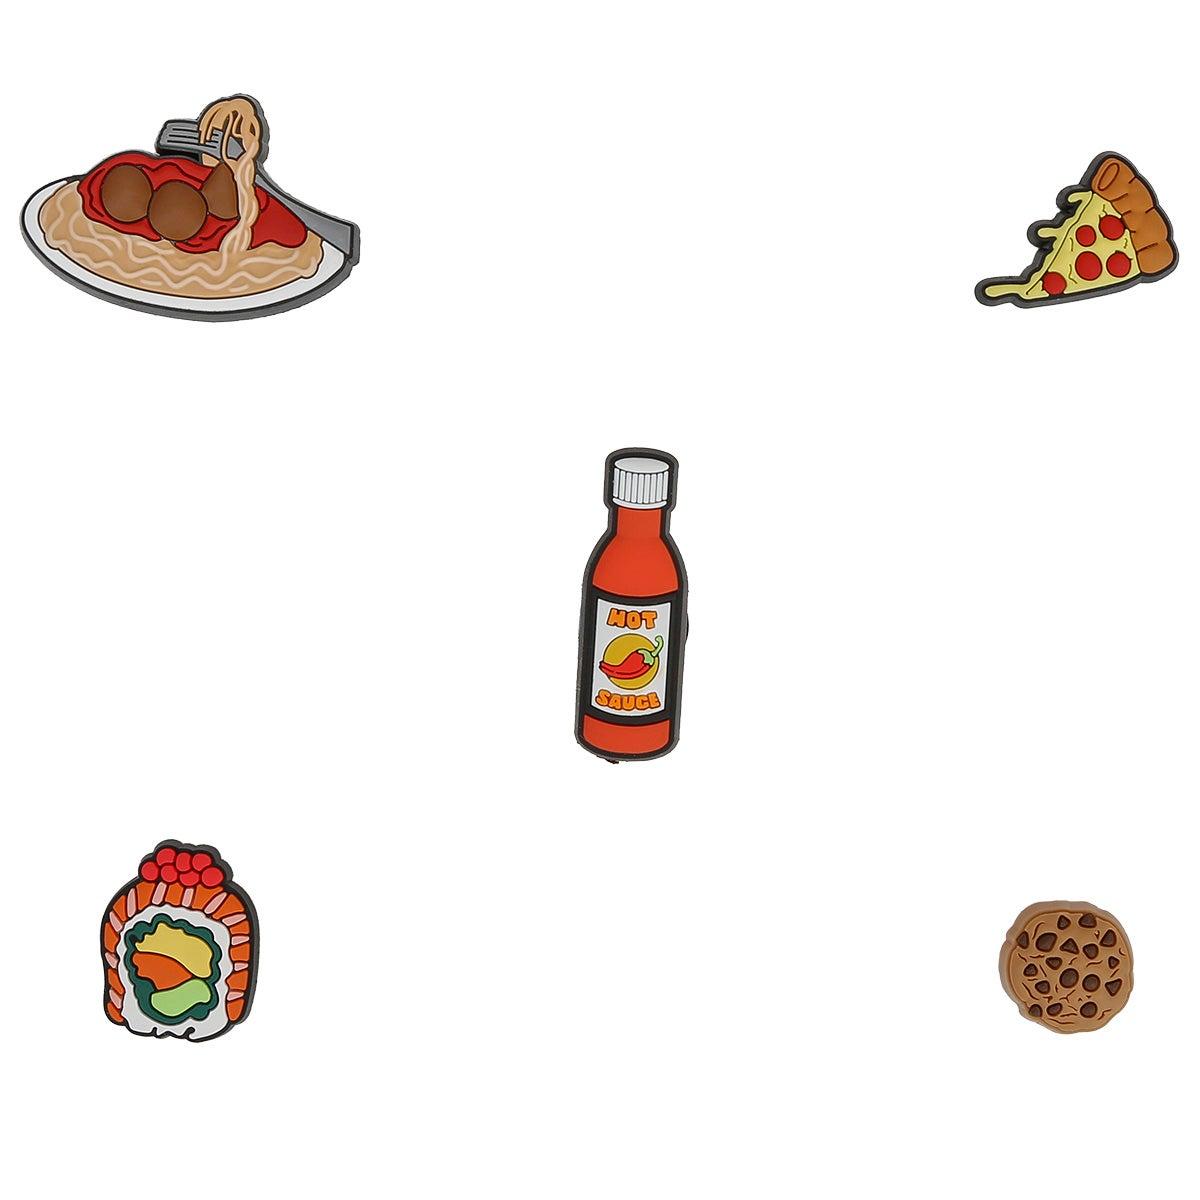 Jibbitz Accessories Jibbitz Food Please 5 Pack